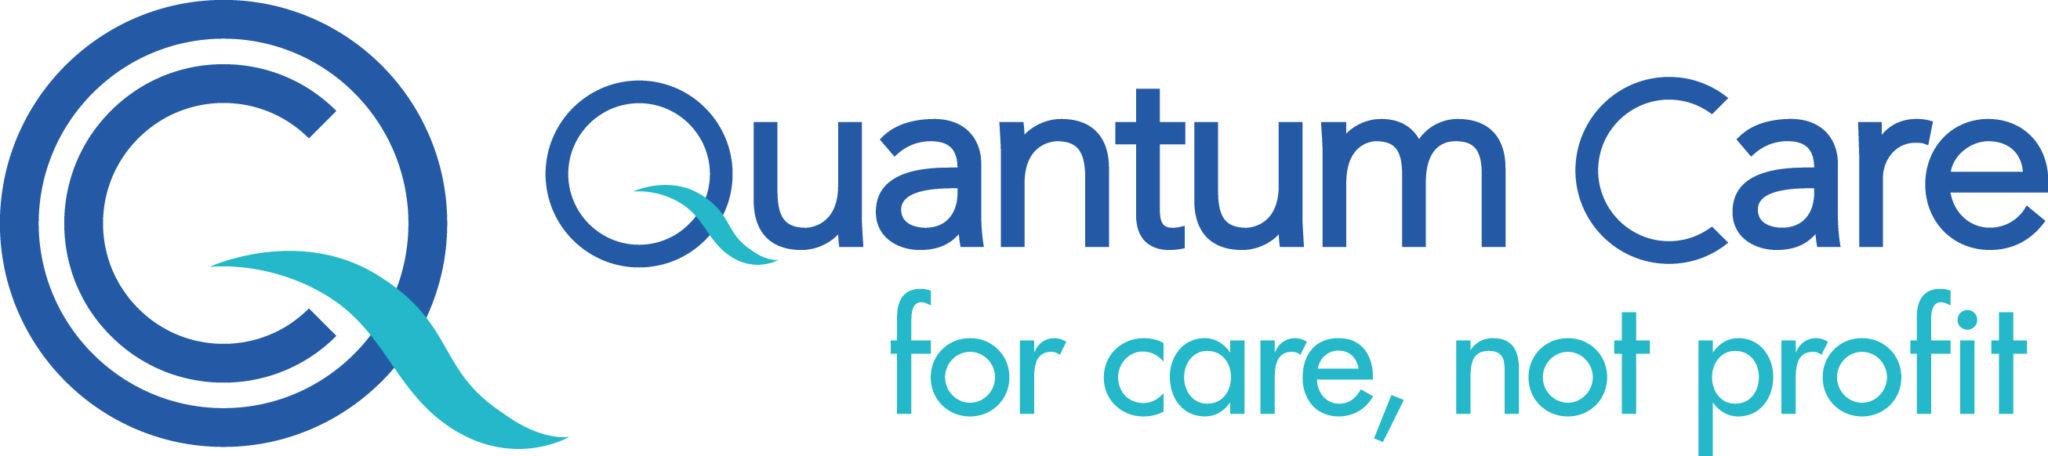 Quantum Care Limited